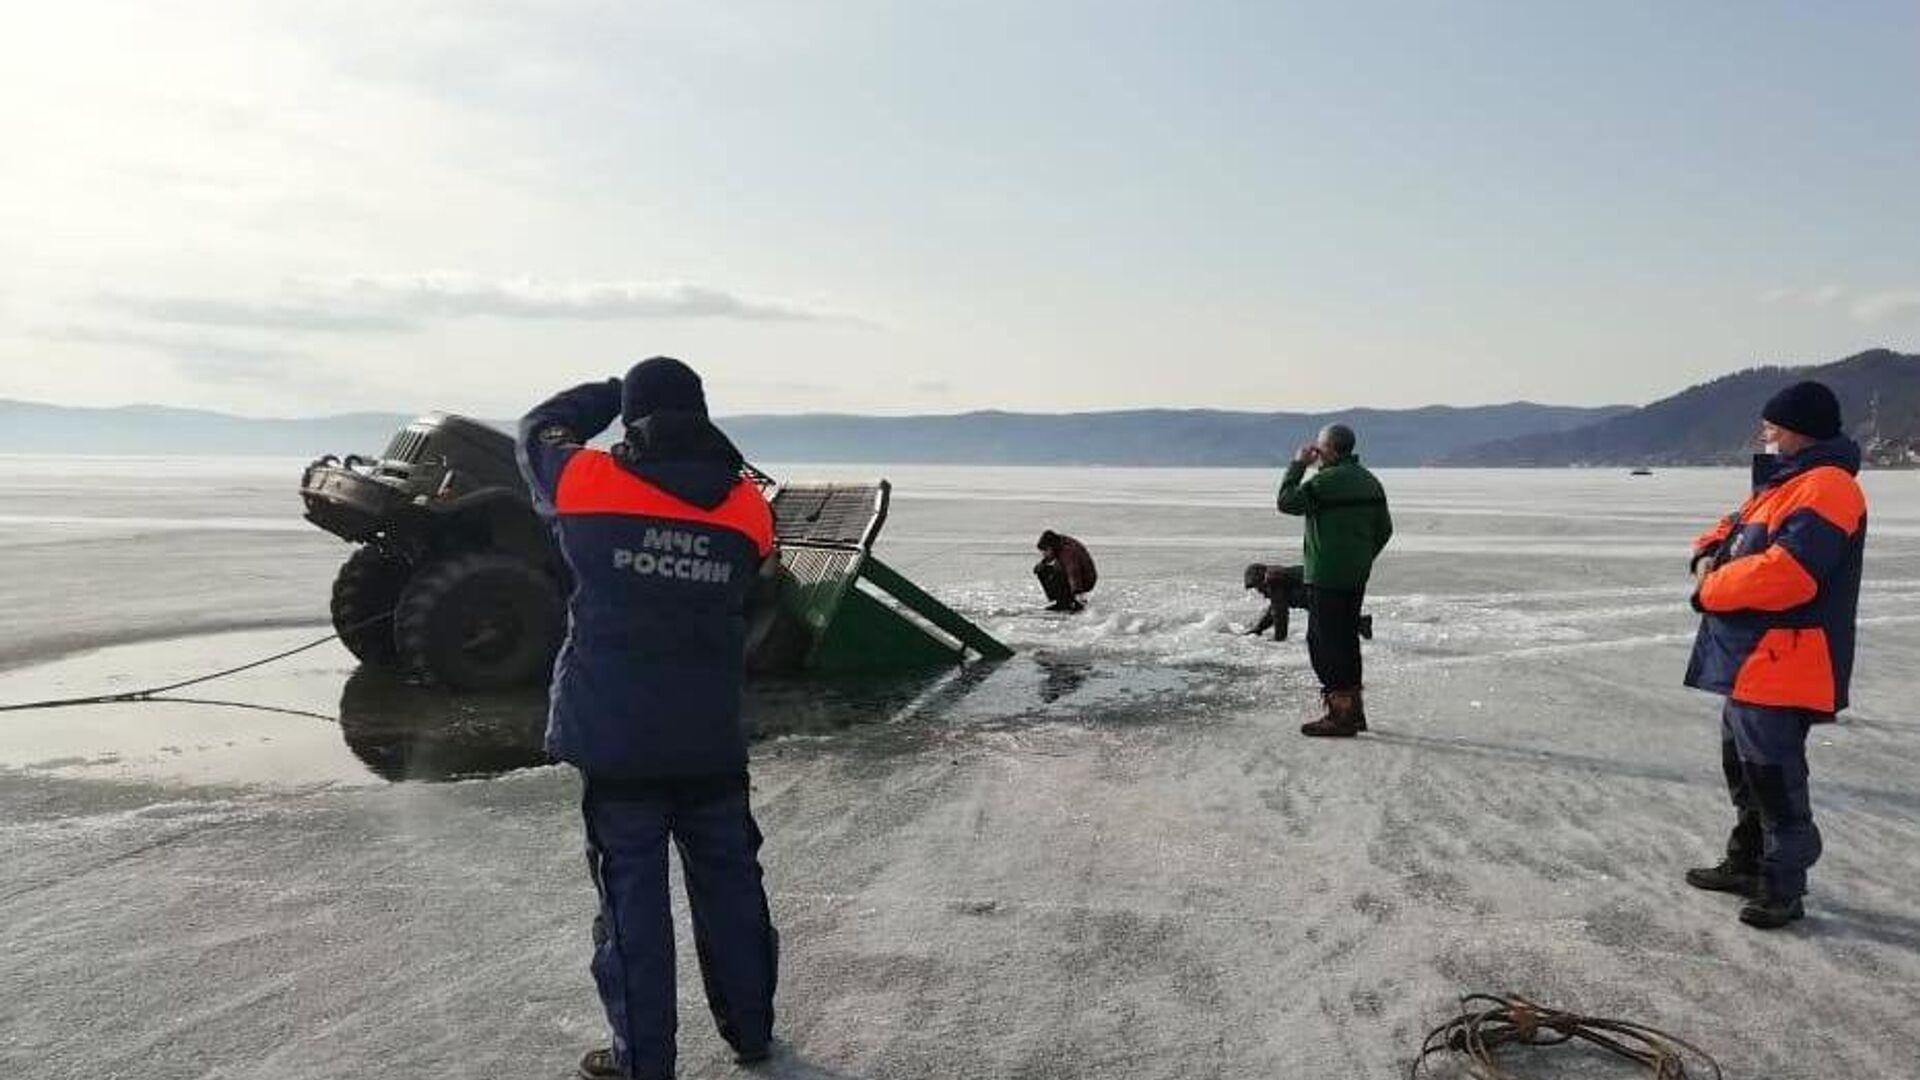 Сотрудники МЧС РФ вытаскивают из воды грузовой автомобиль, который провалился под лед на озере Байкал - РИА Новости, 1920, 15.04.2021